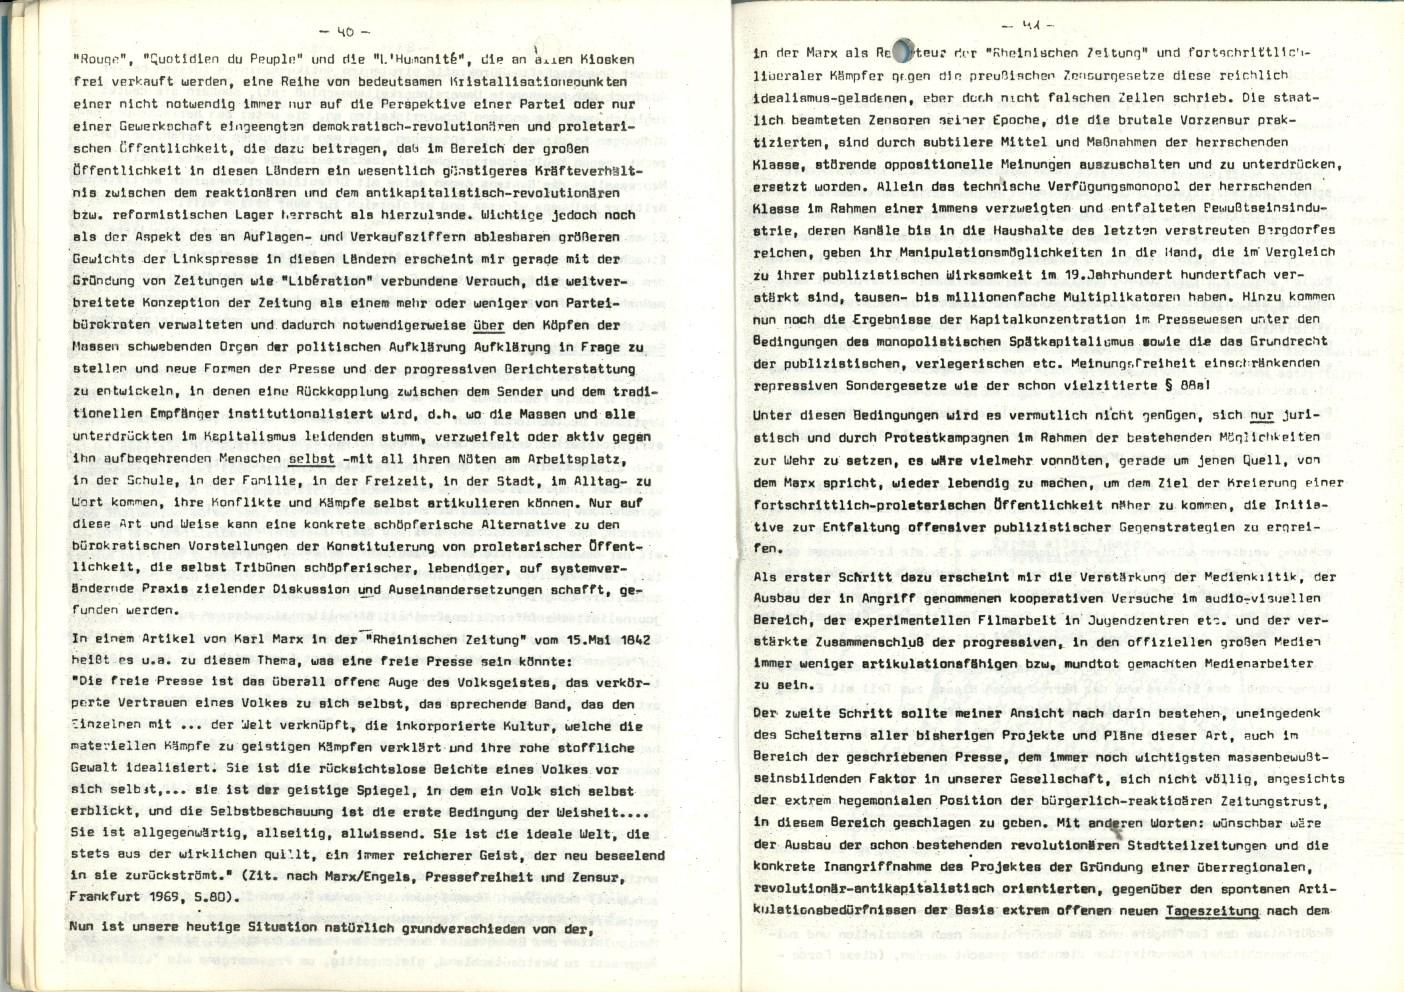 Hamburg_Vorbereitungsgruppe_Russell_Tribunal_Zensur_1978_21